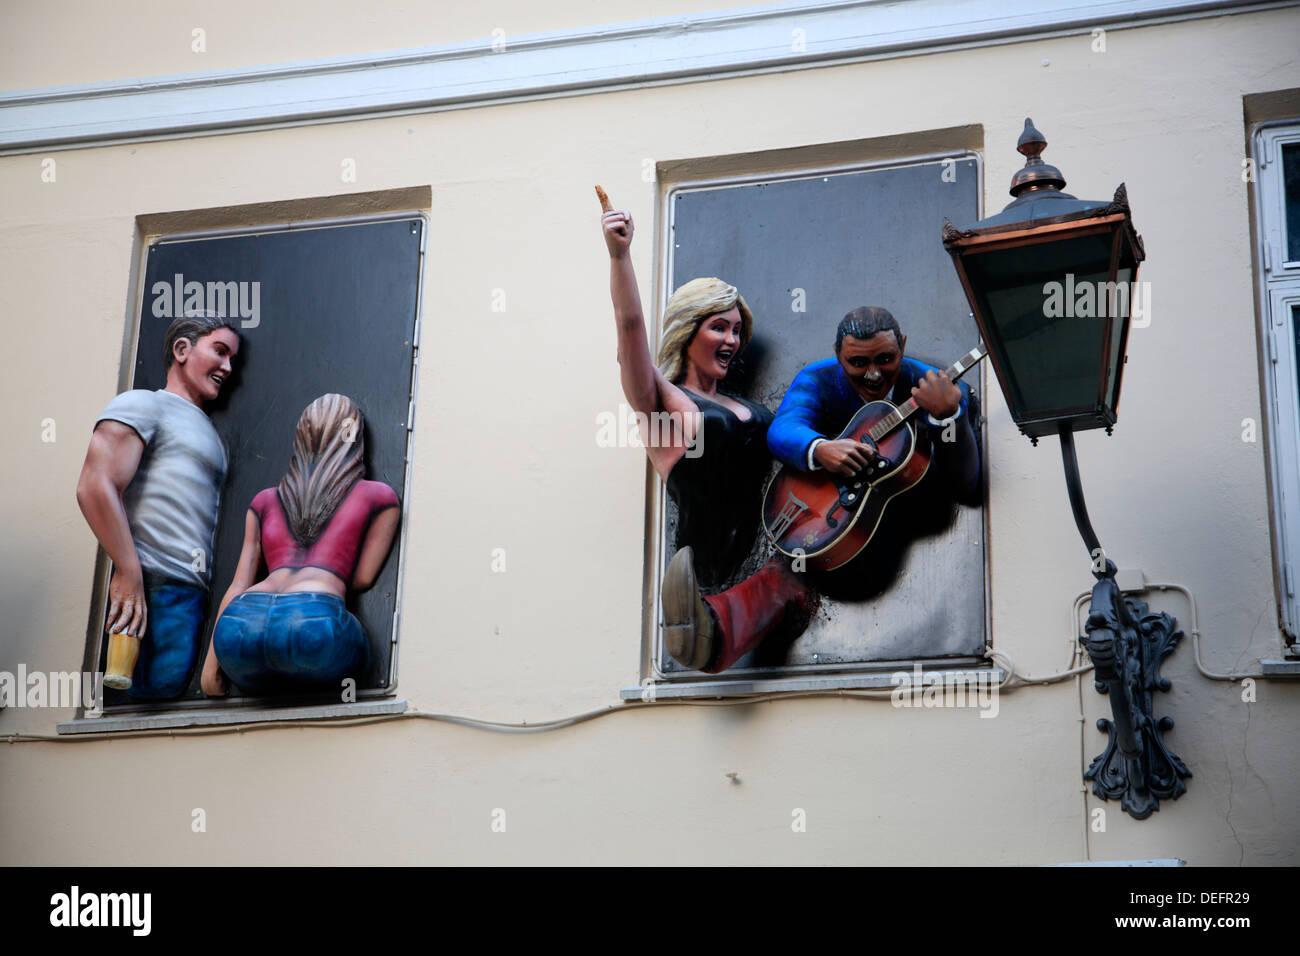 Kunst auf einer Gebäudefassade eines Musik-Café, Arhus, Jütland, Dänemark, Europa Stockbild